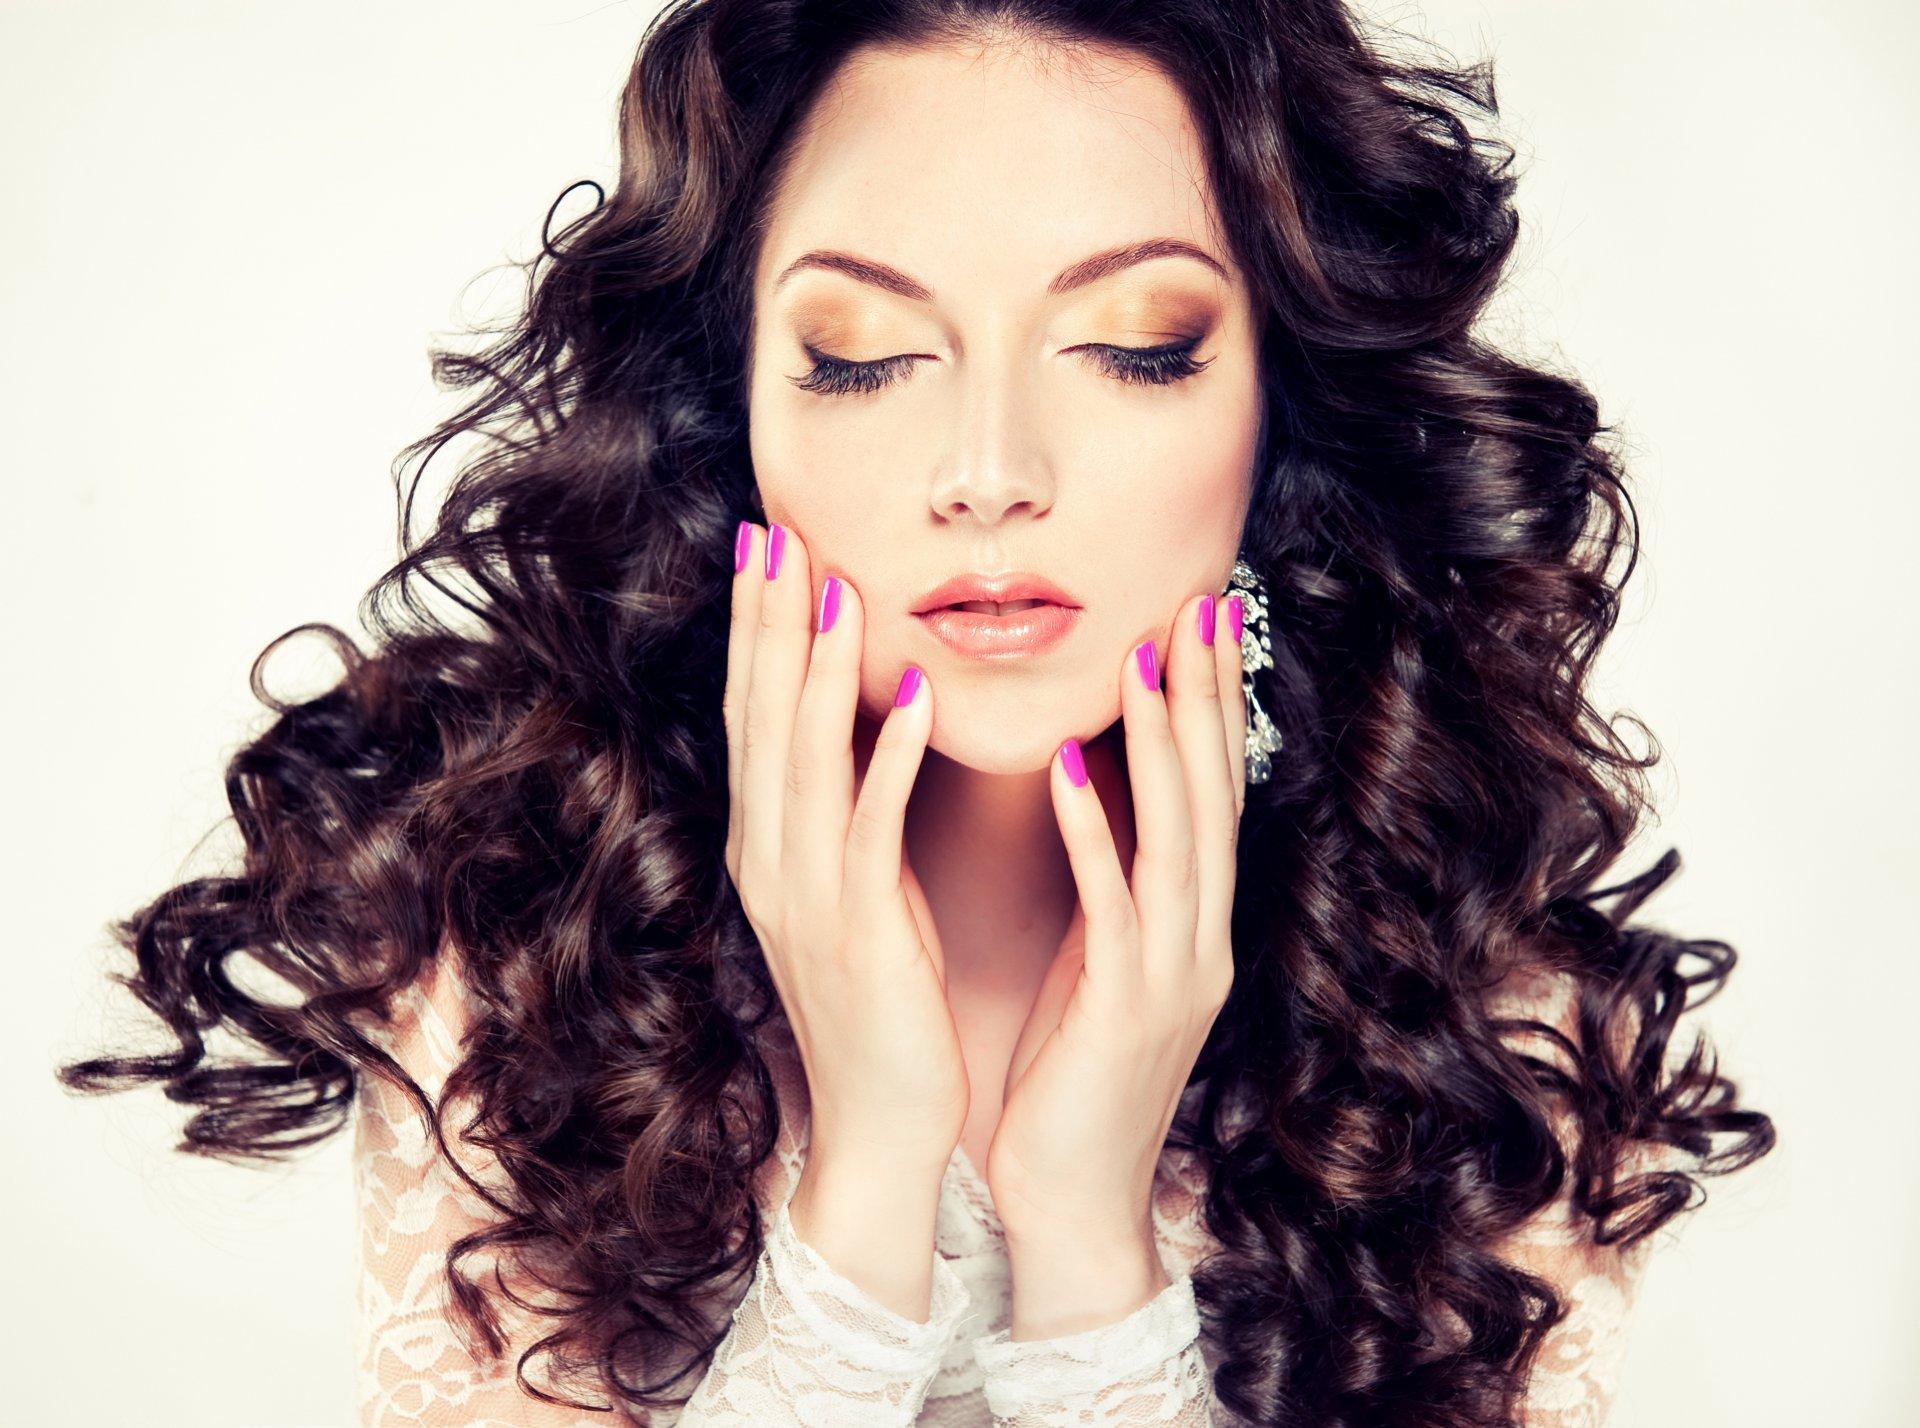 Волосы и макияж девушки